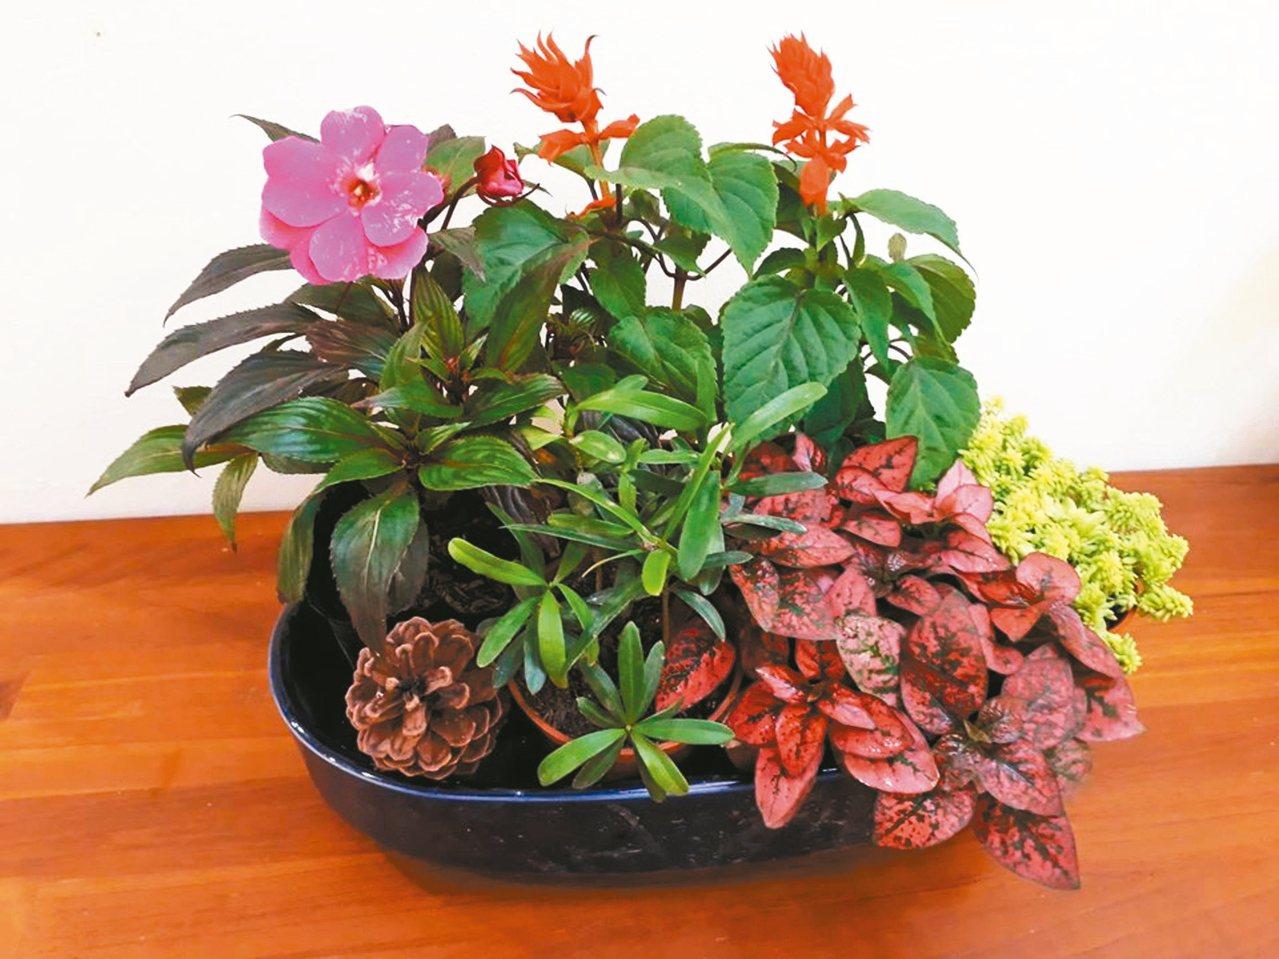 用現有花器,家中小盆栽,再搭配毬果、樹枝,組合成高貴不貴的盆栽。 圖/張桂瓊提供